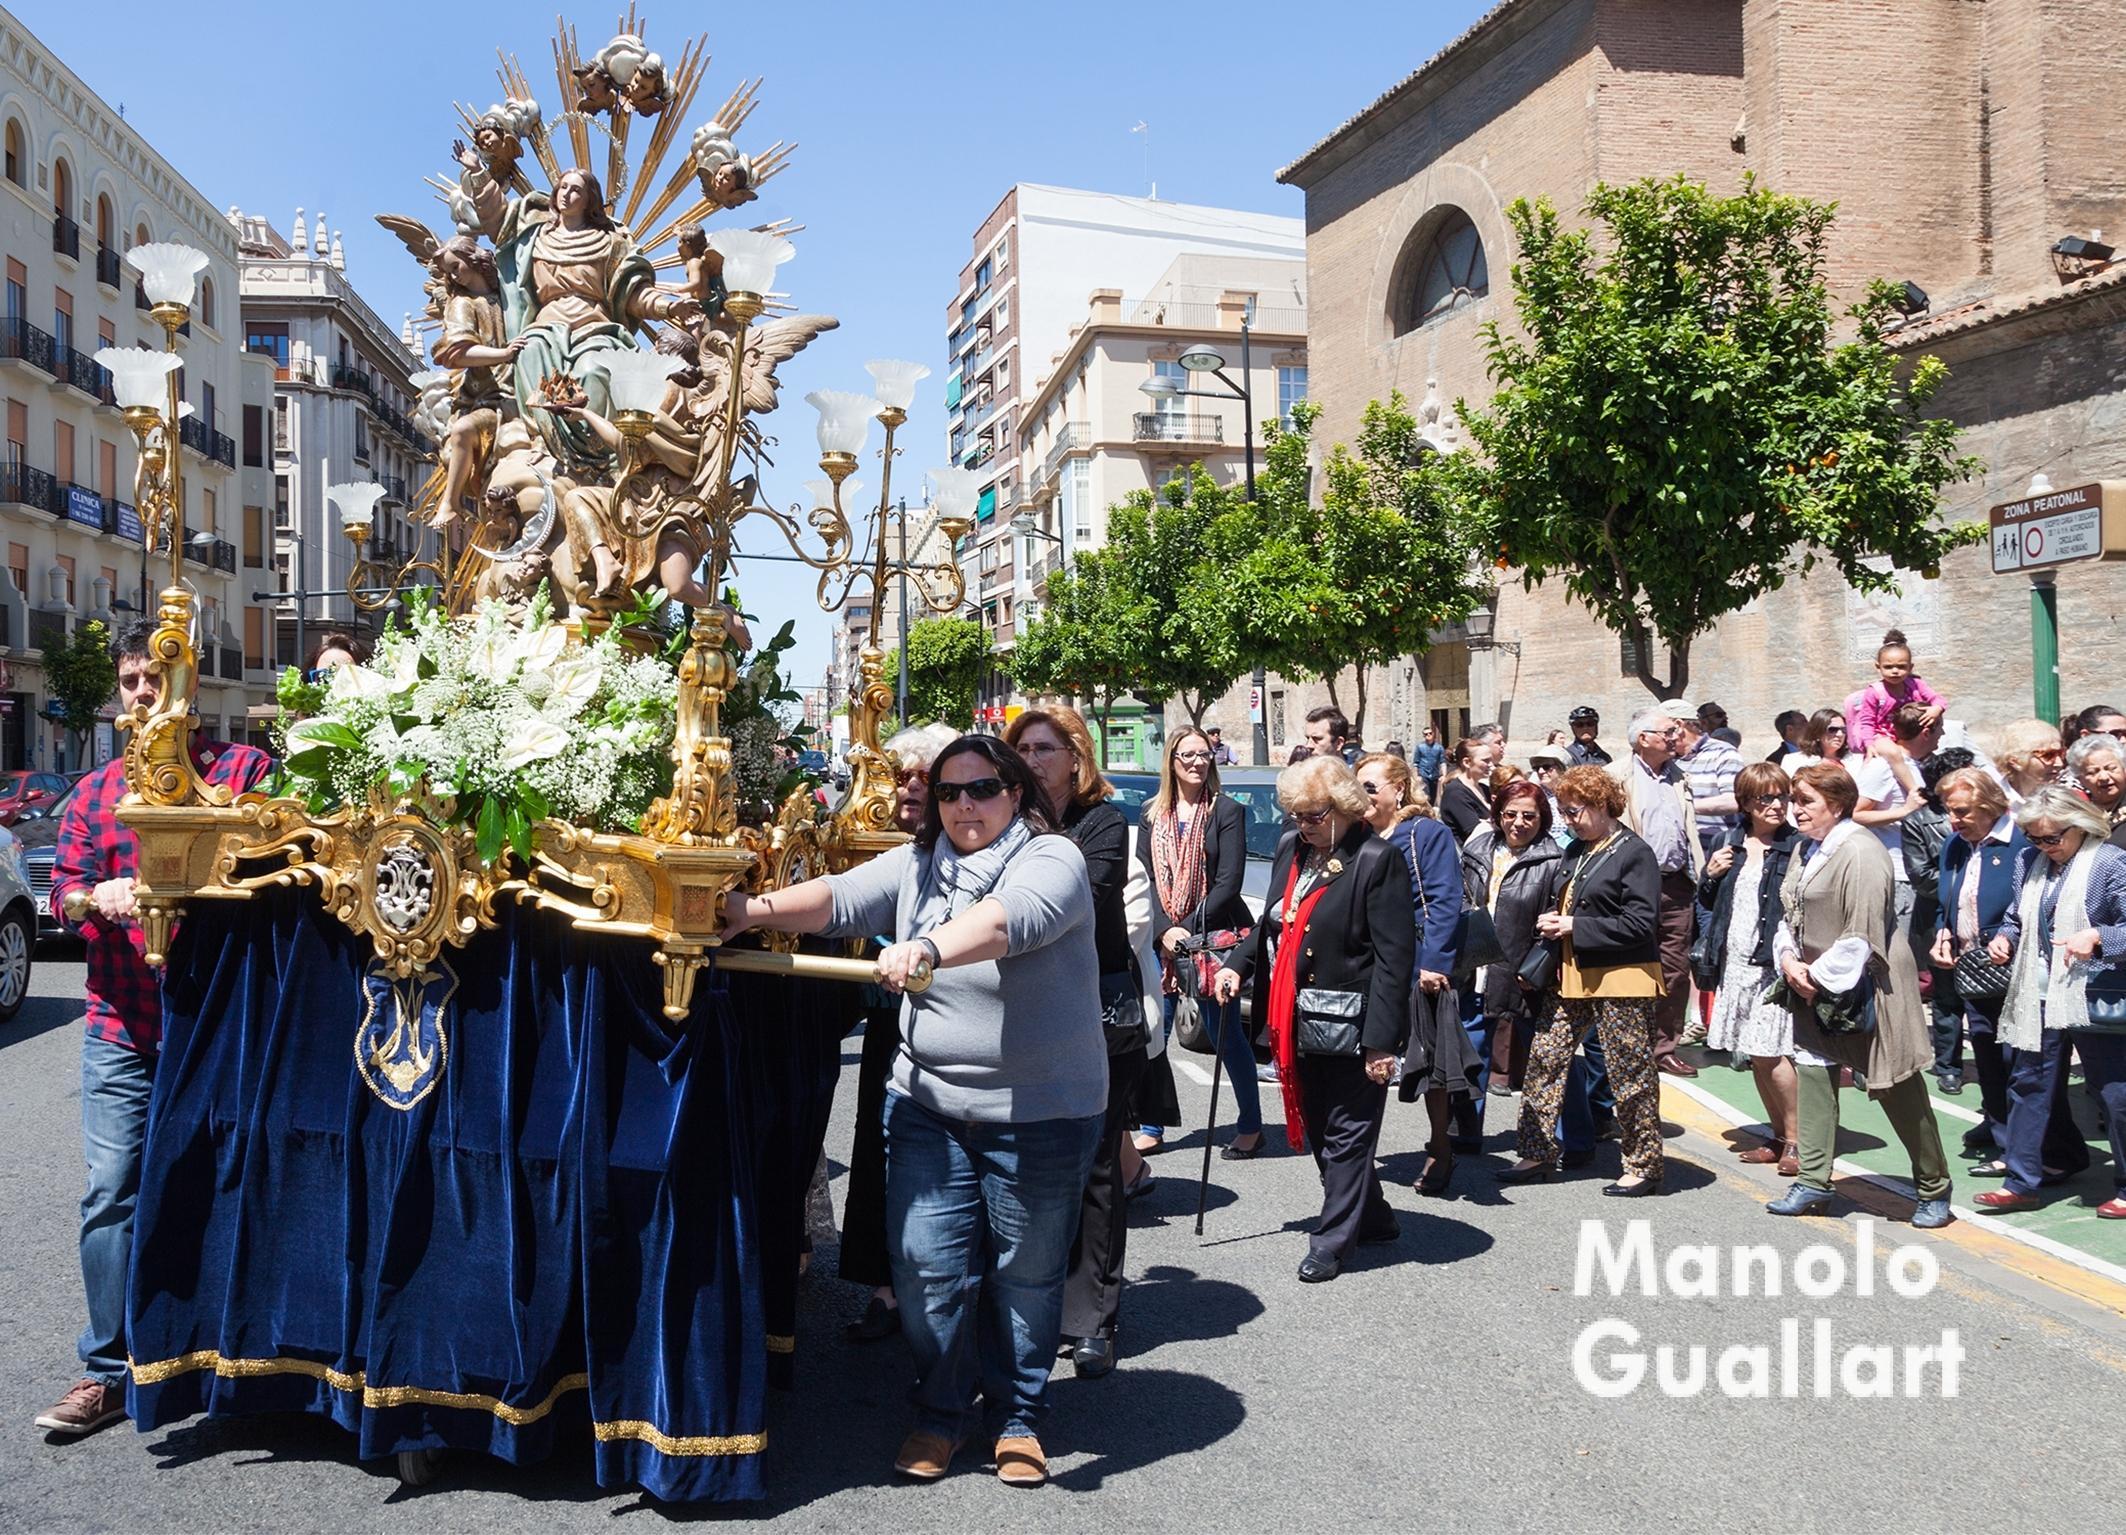 La imagen procesional de la Asunción de María marcha hacia el puerto de Valencia para recibir al Cristo del Grao. Foto de Manolo Guallart.